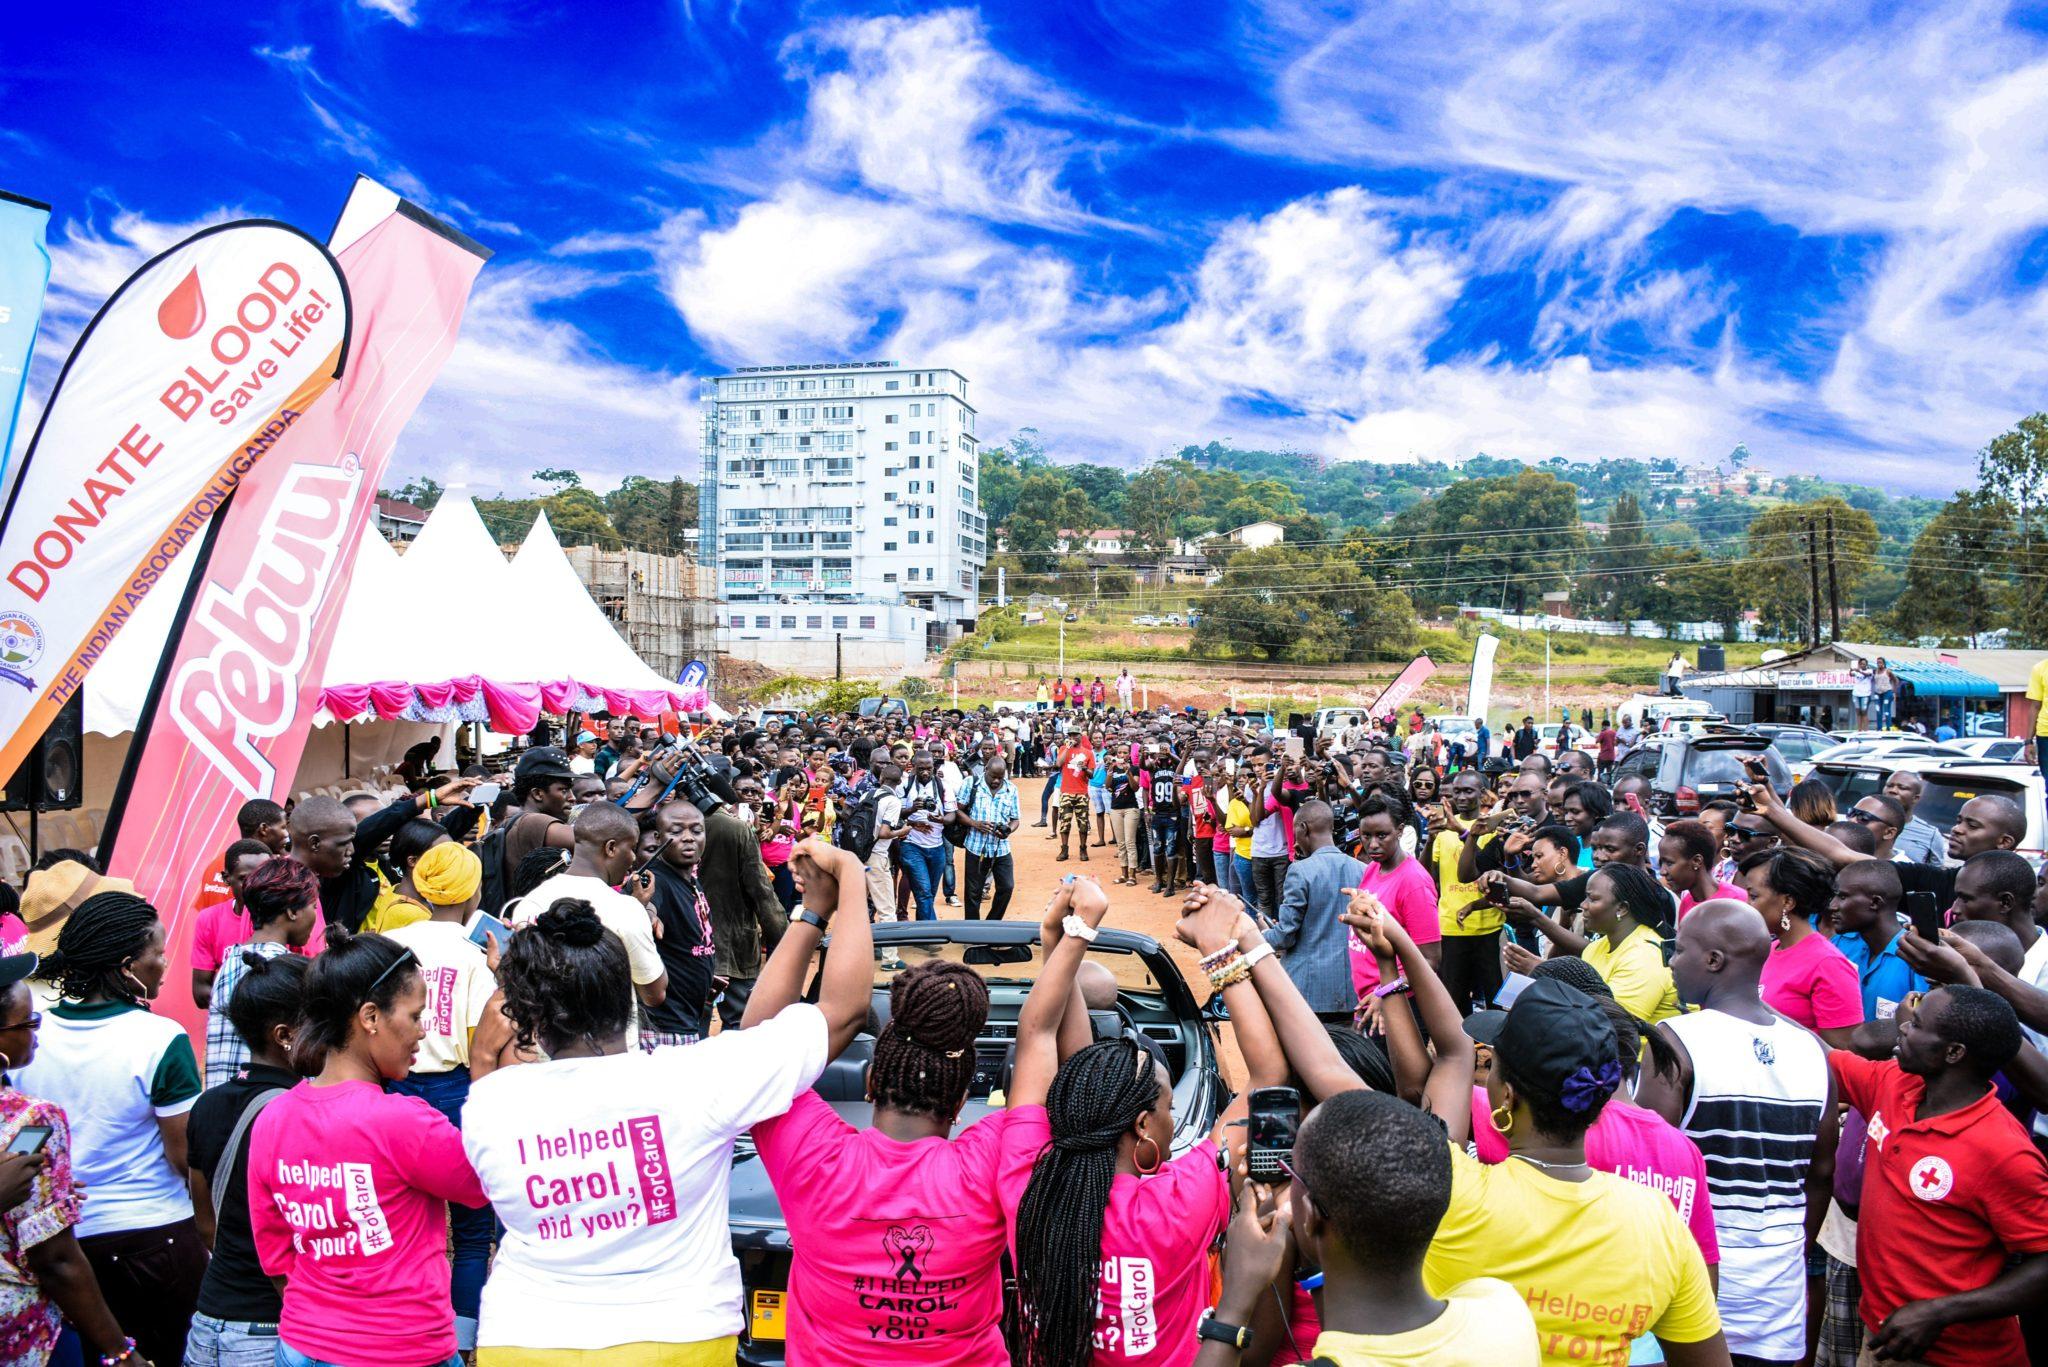 Crowd of activists